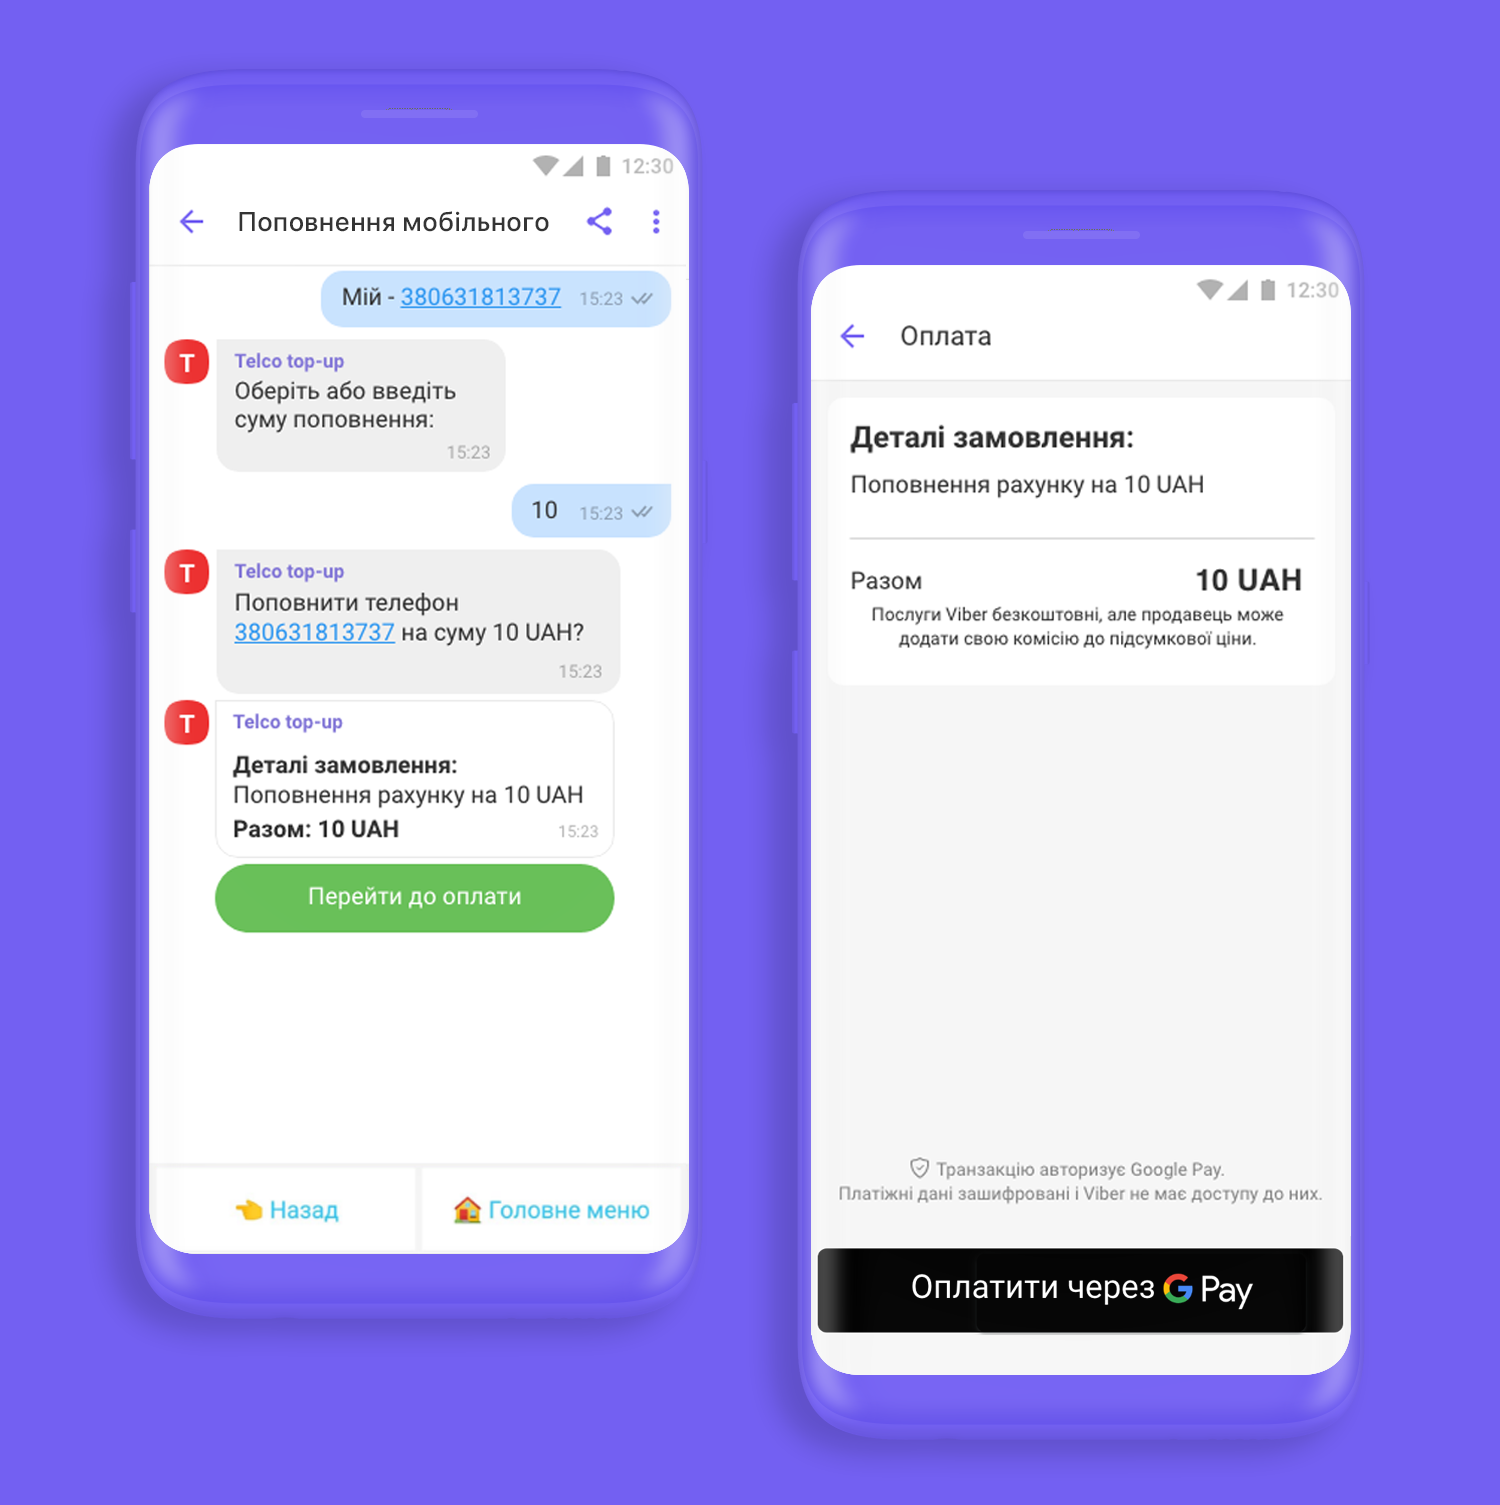 Не пропустите: Viber запускает функцию проведения онлайн платежей в чат-ботах - фото №2